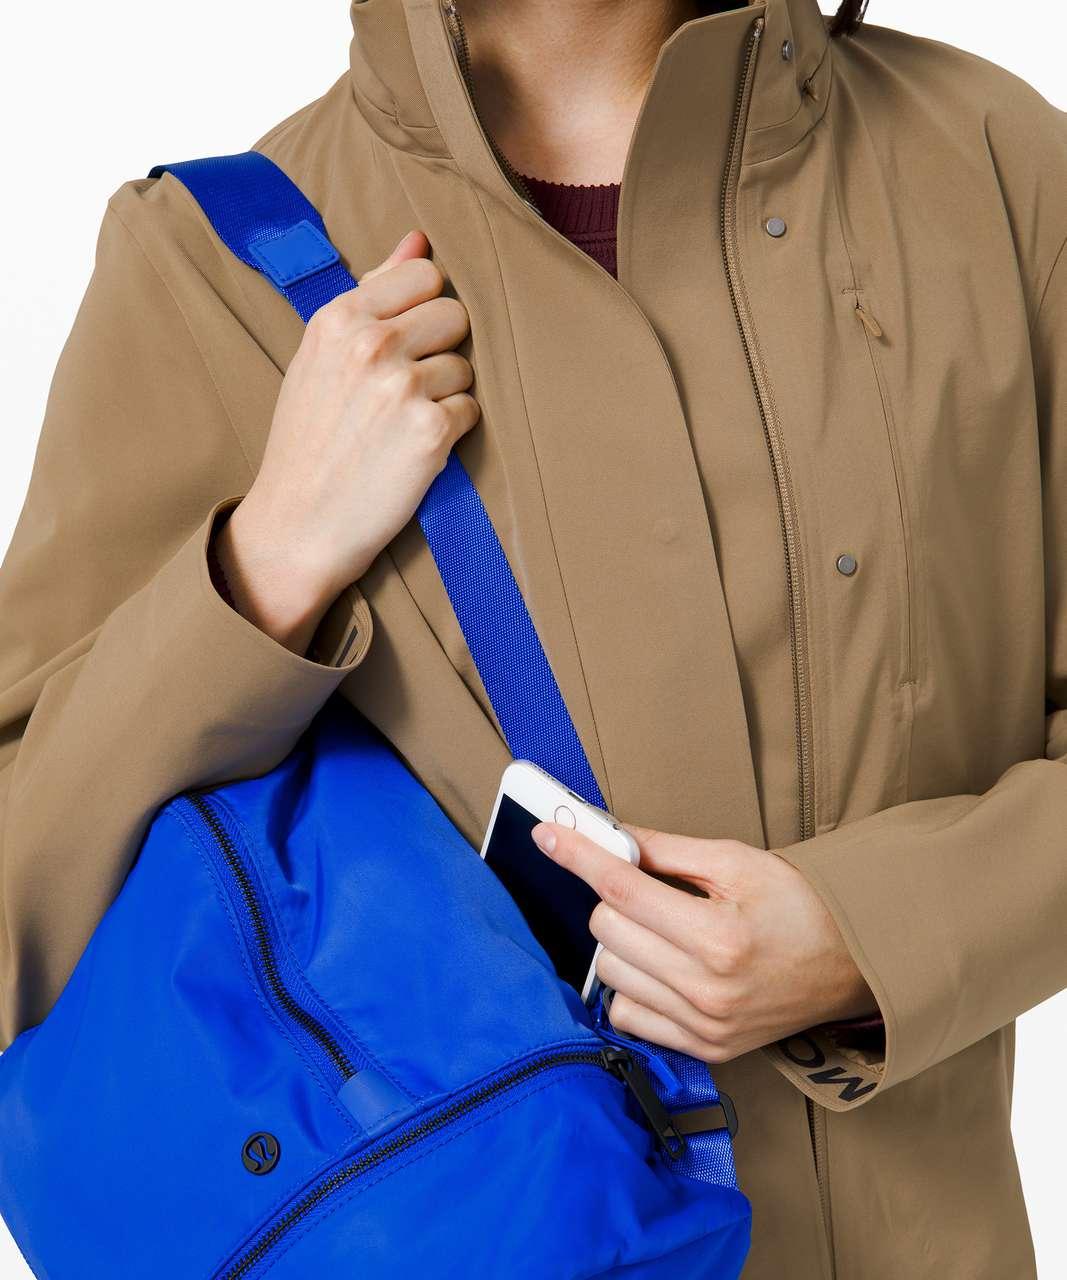 Lululemon City Adventurer Backpack Mini *10L - Wild Bluebell